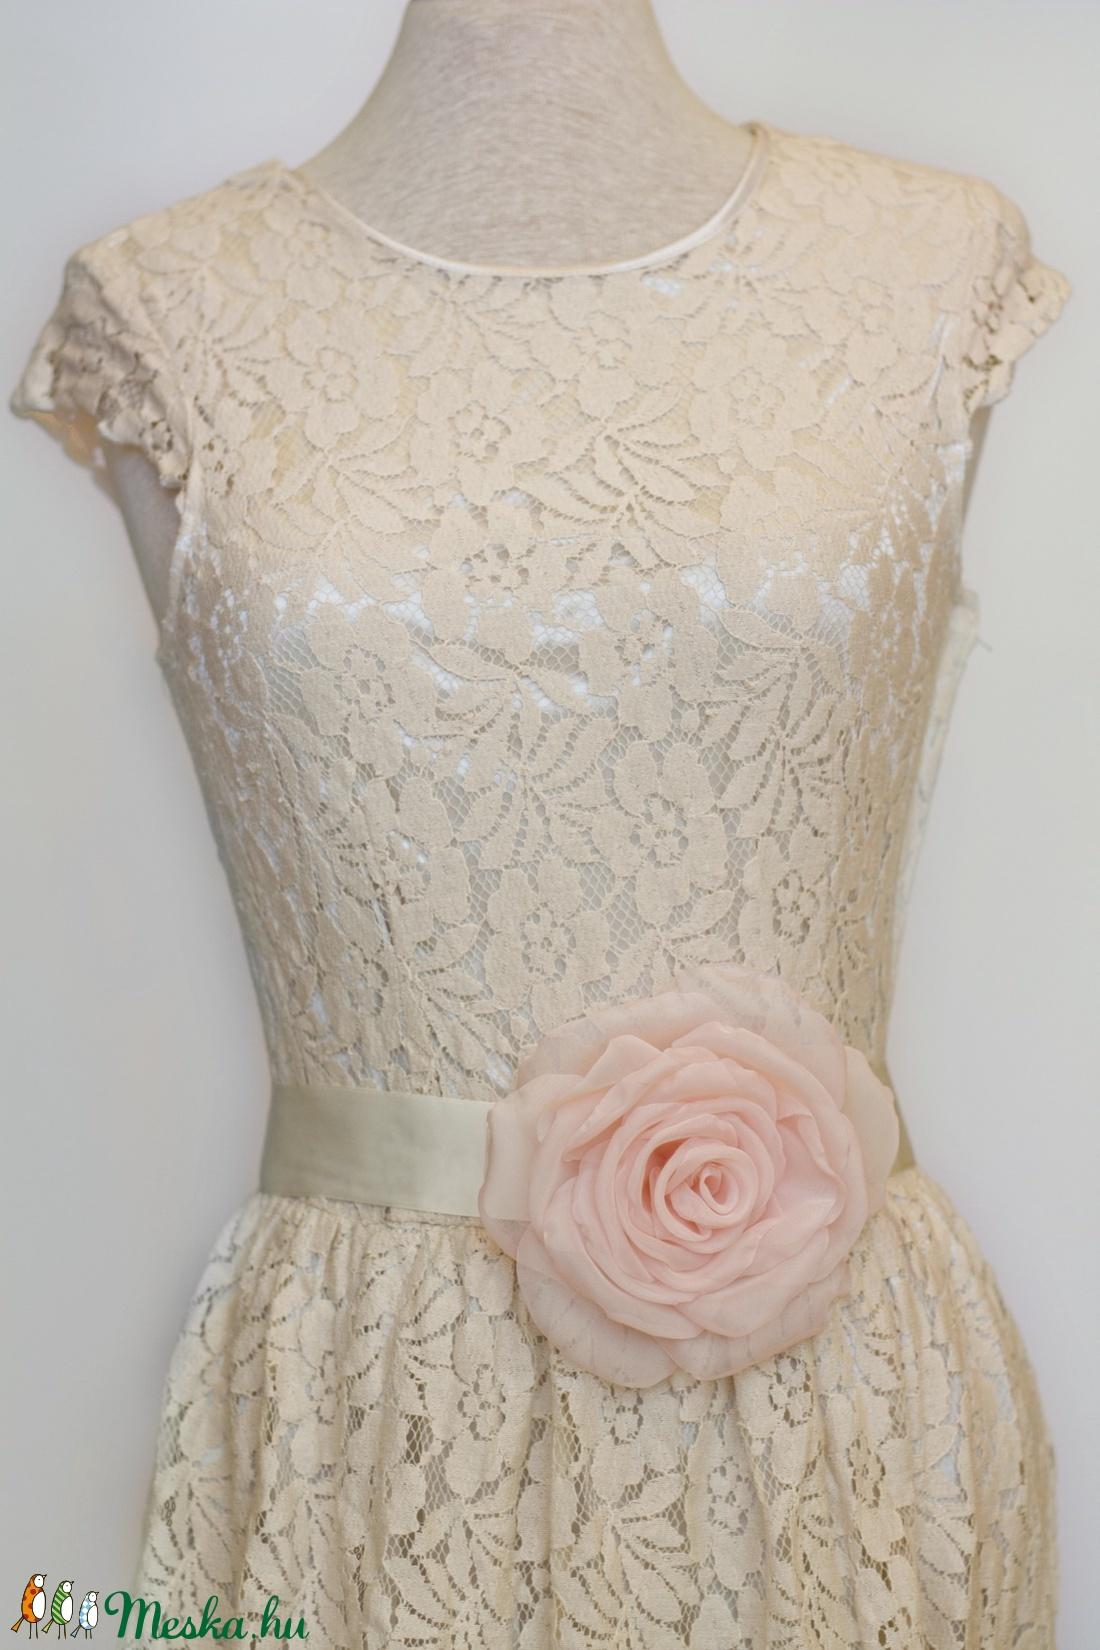 Szaténöv rózsaszín rózsával (gemma) - Meska.hu